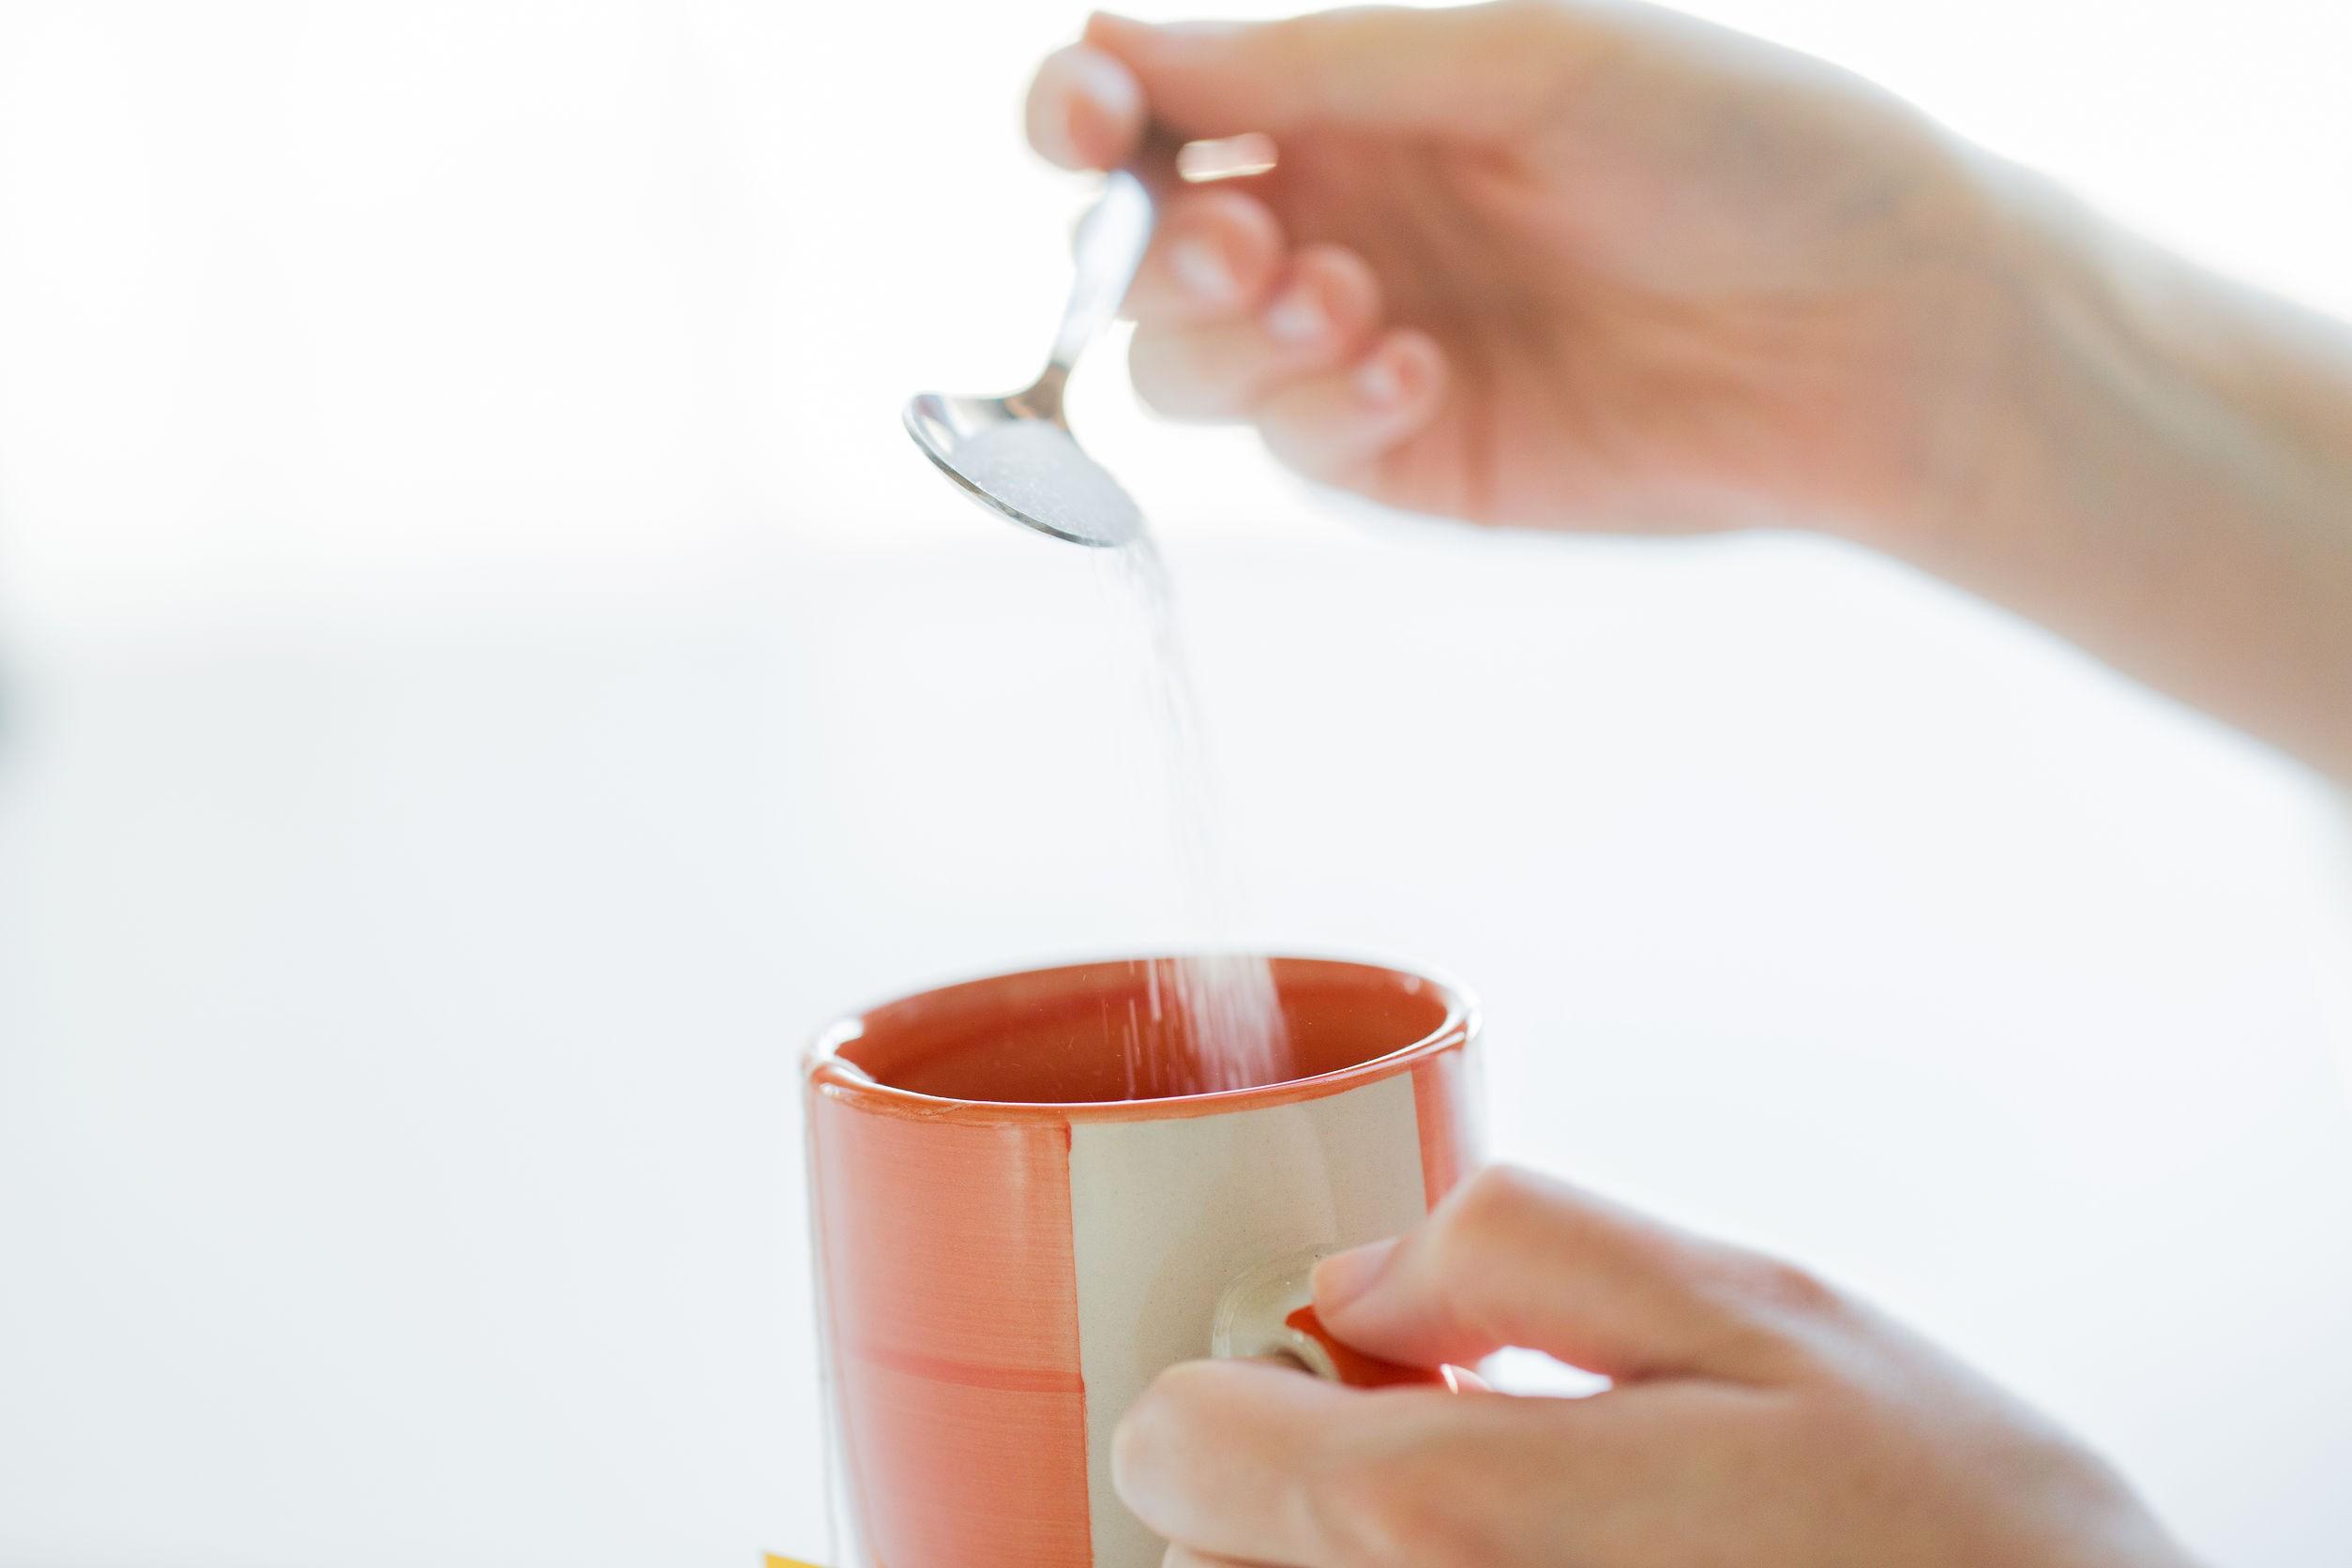 Zahărul trebuie evitat pentru o alimentație sănătoasă